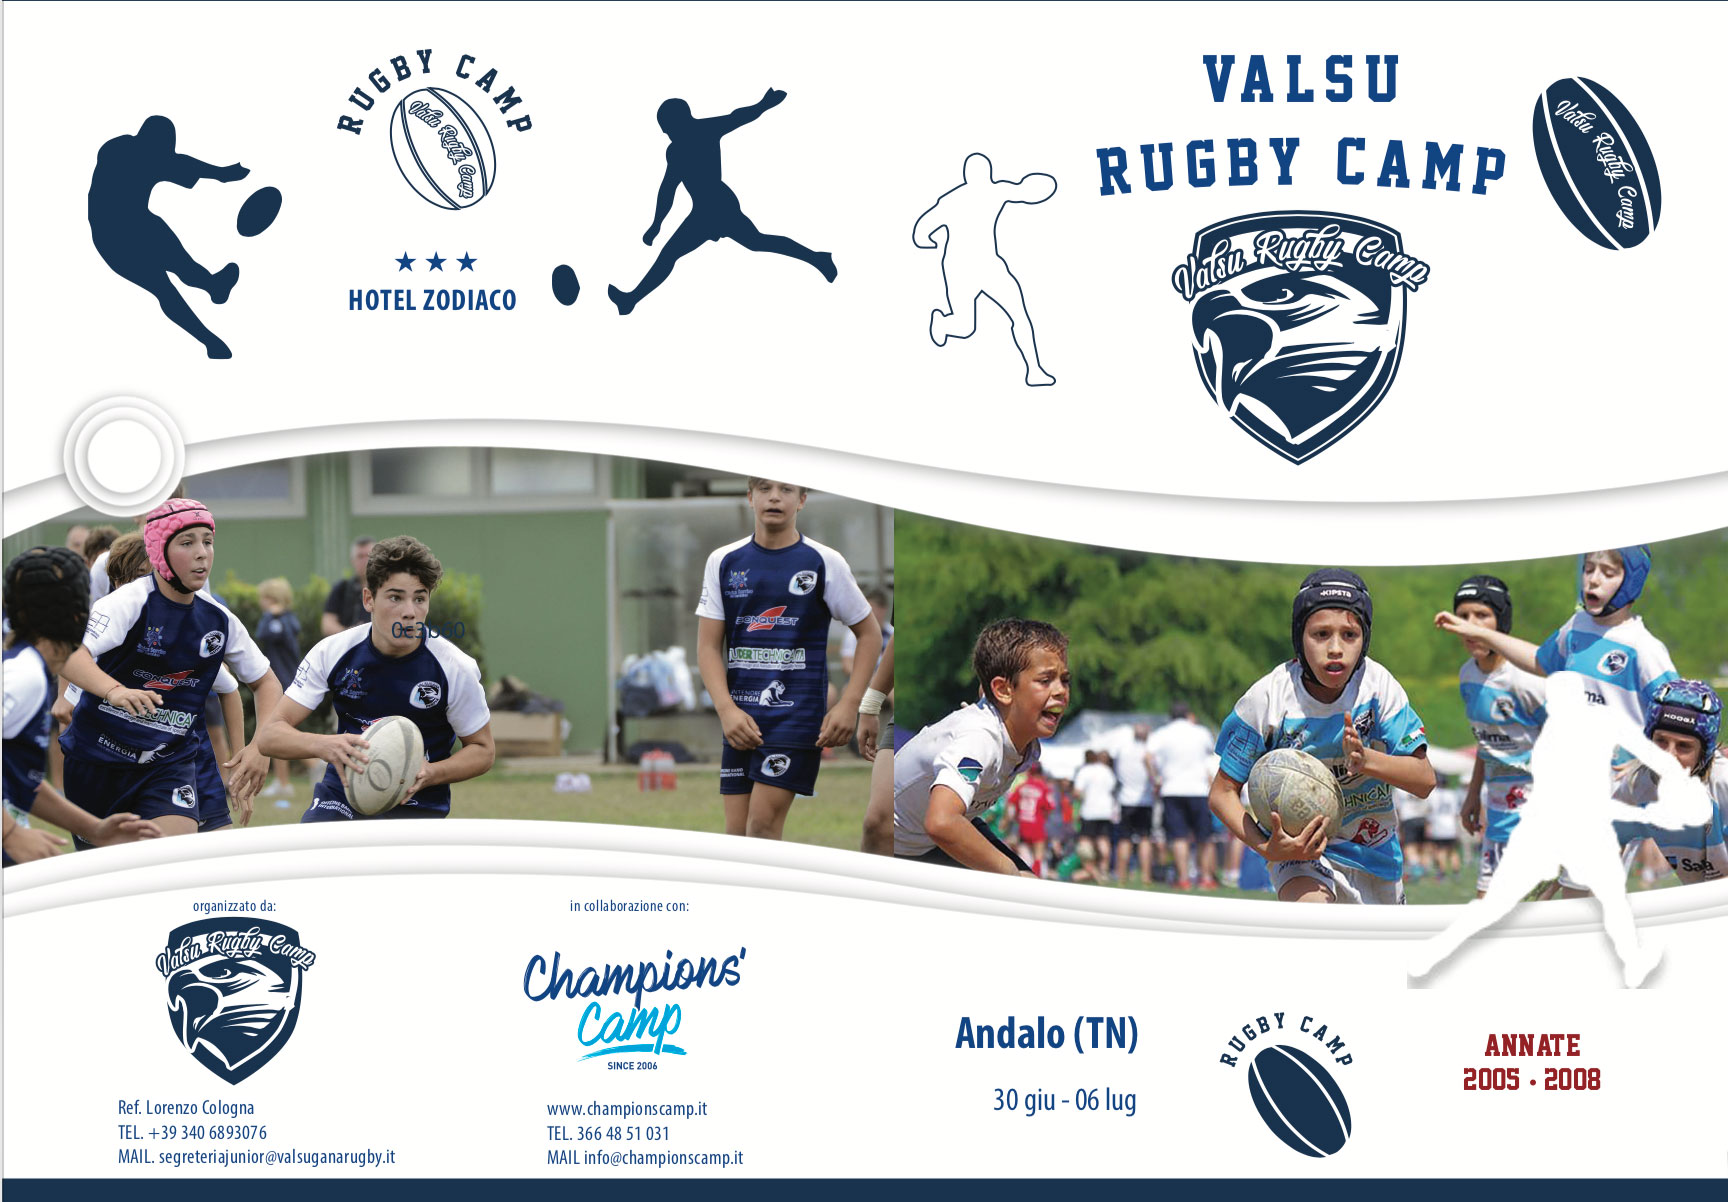 VALSU RUGBY CAMP